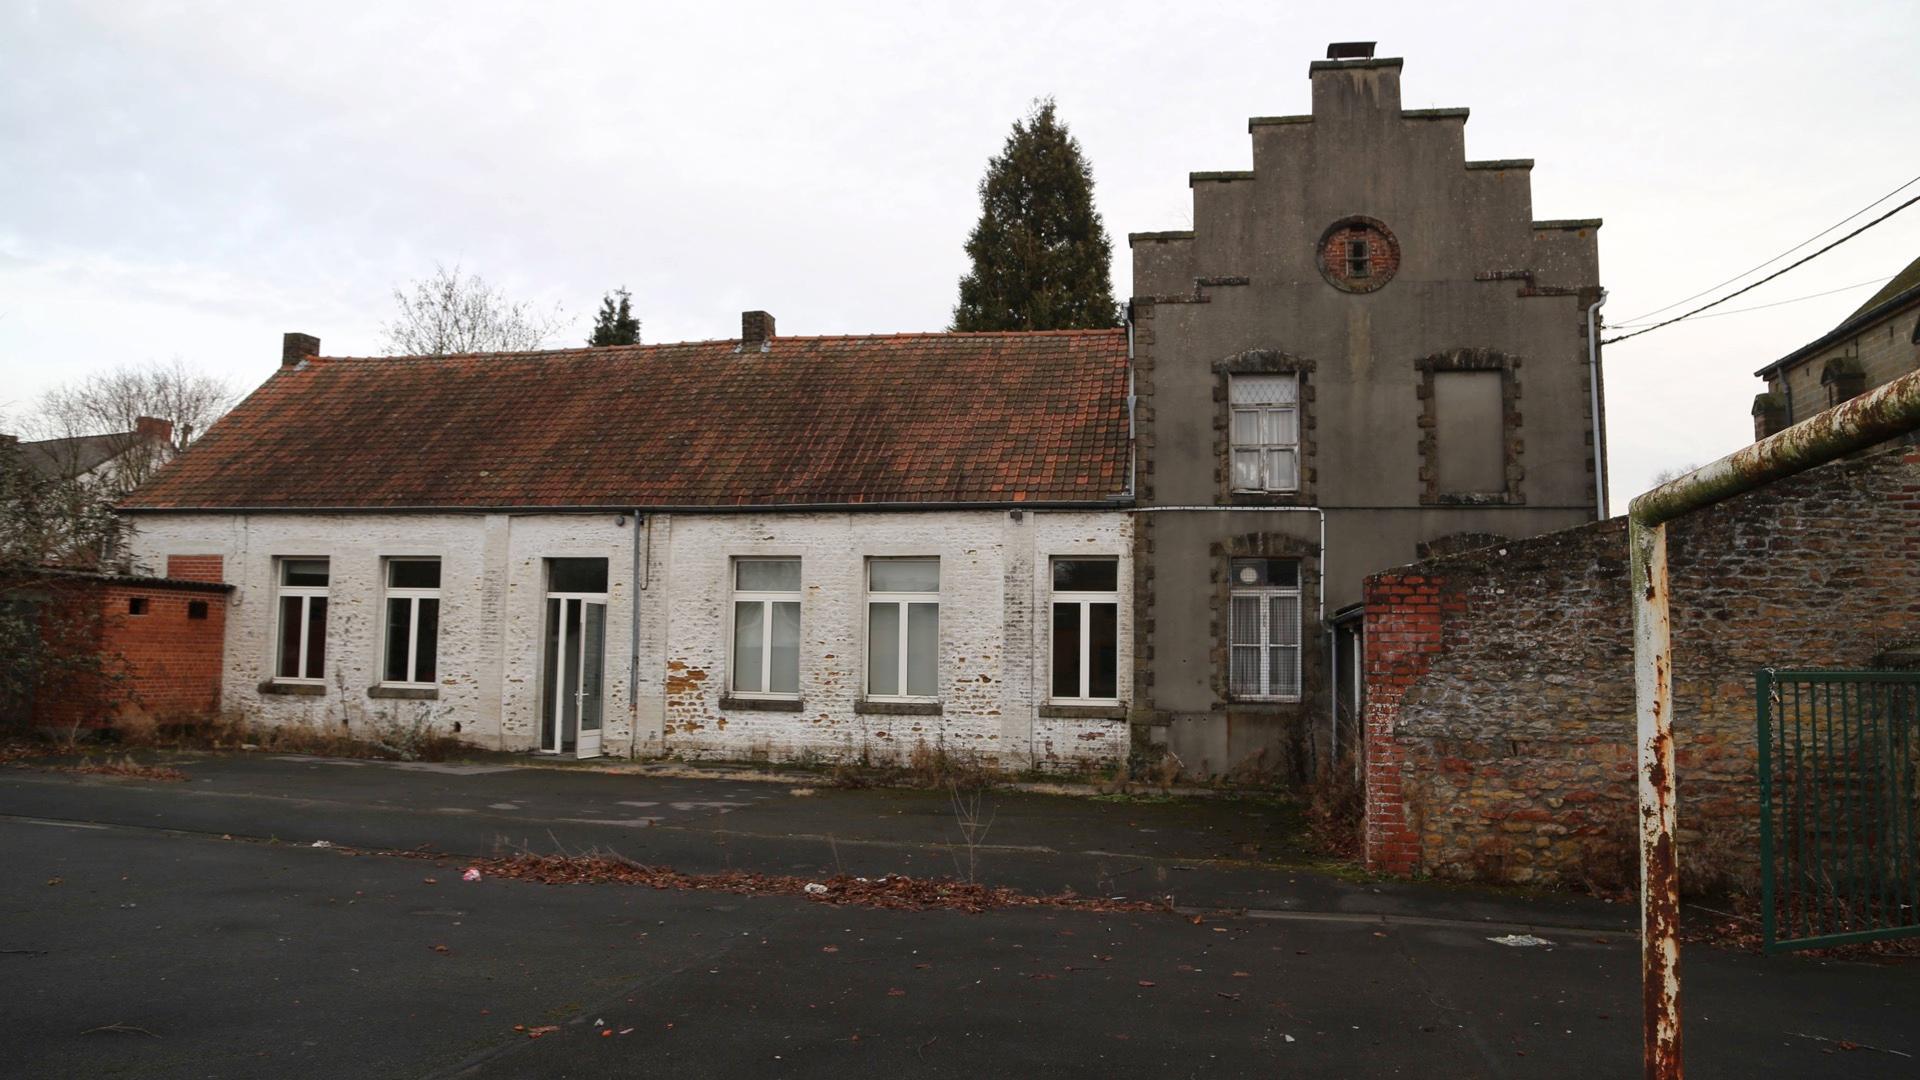 Des logements intergénérationnels dans l'ancienne école de Grandglise